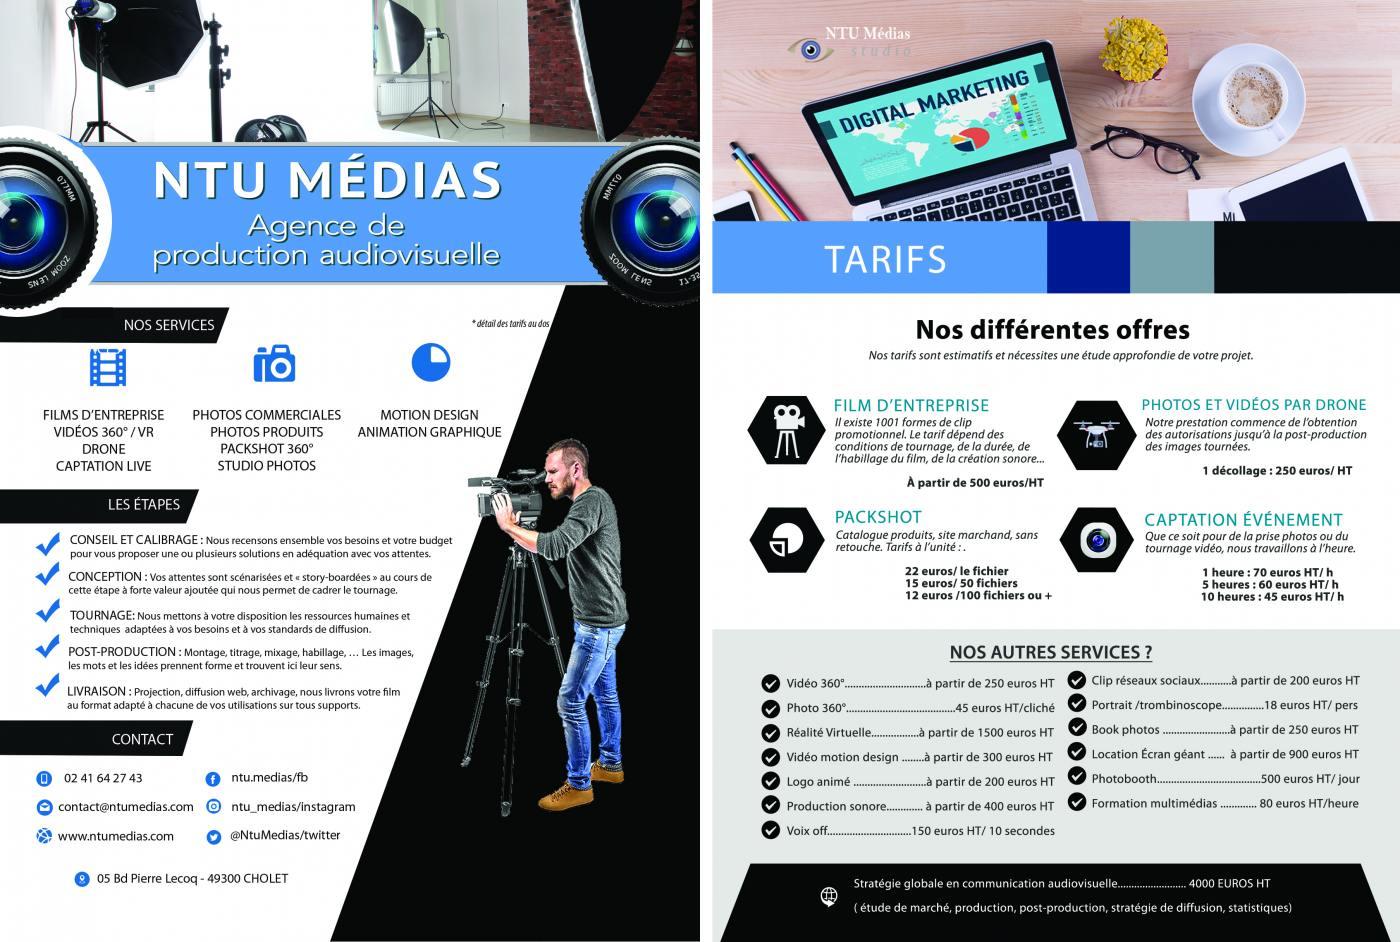 Nouvelle plaquette de NTU Médias